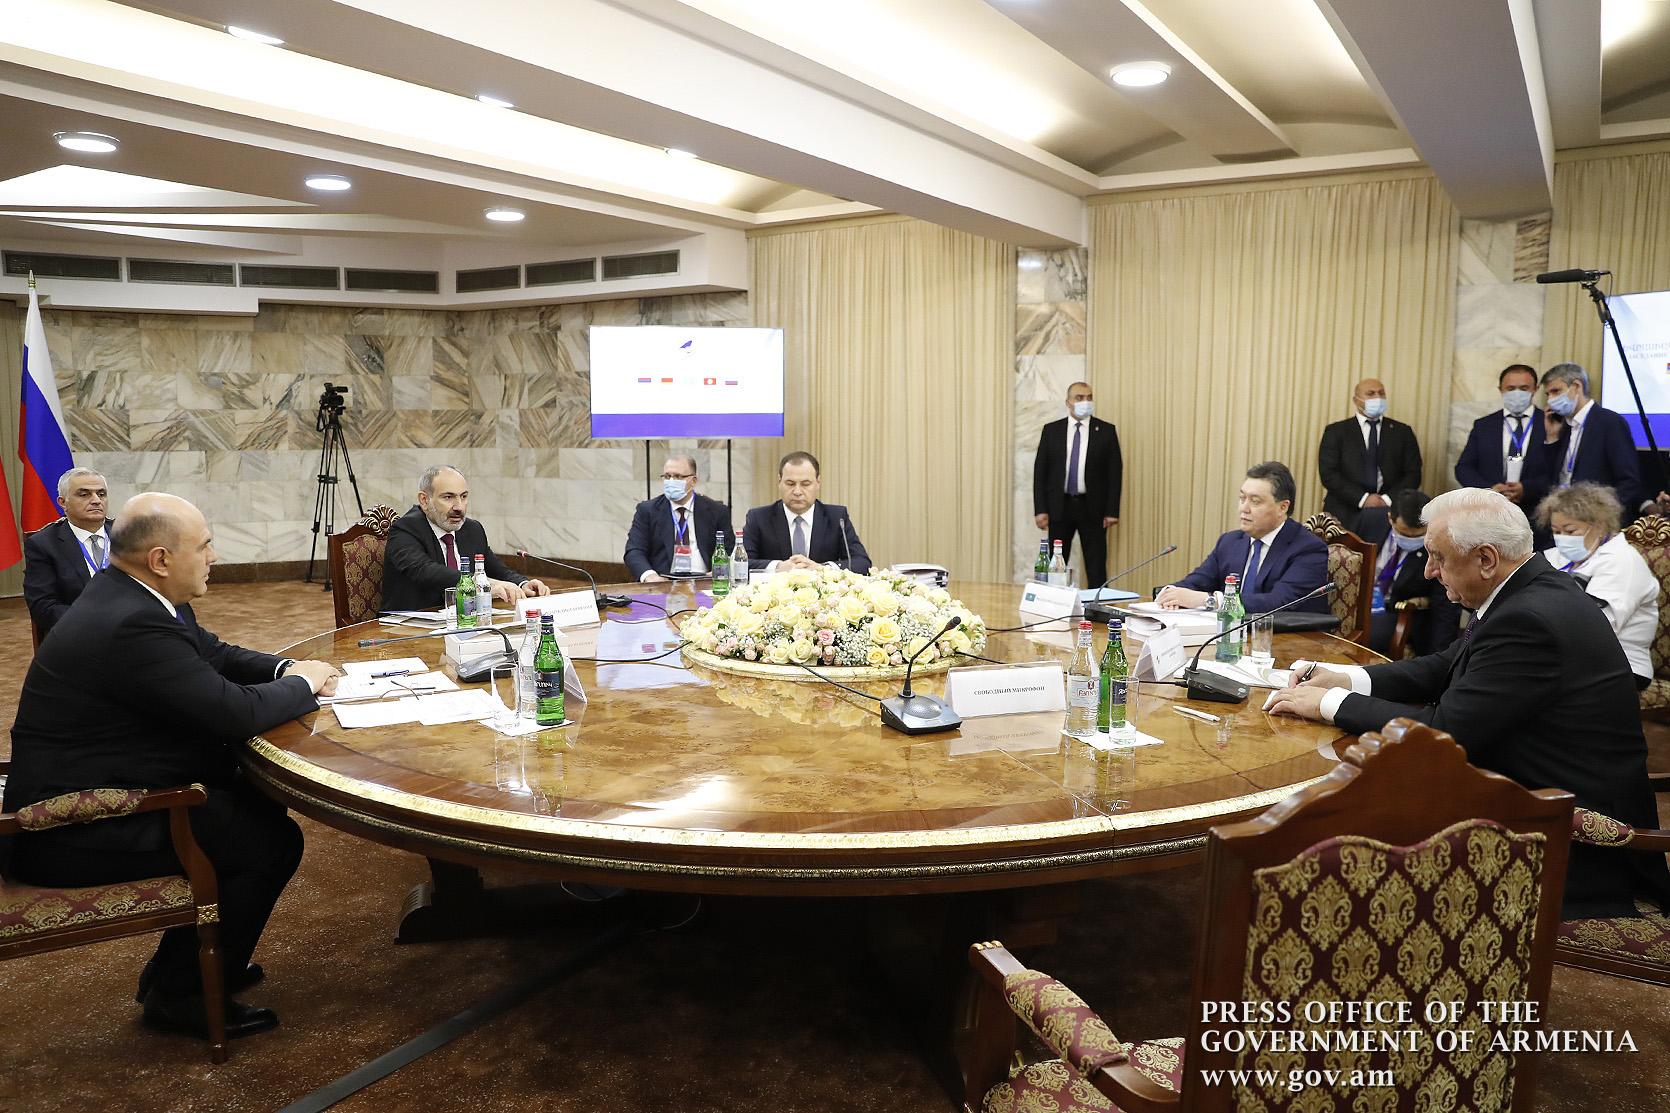 Photo of «Մեզ համար առանձնահատուկ արժեքավոր է, որ այս դժվարին պահին ժամանել եք Հայաստան». վարչապետը մասնակցել է ԵԱՏՄ միջկառավարական խորհրդի նիստի բացմանը